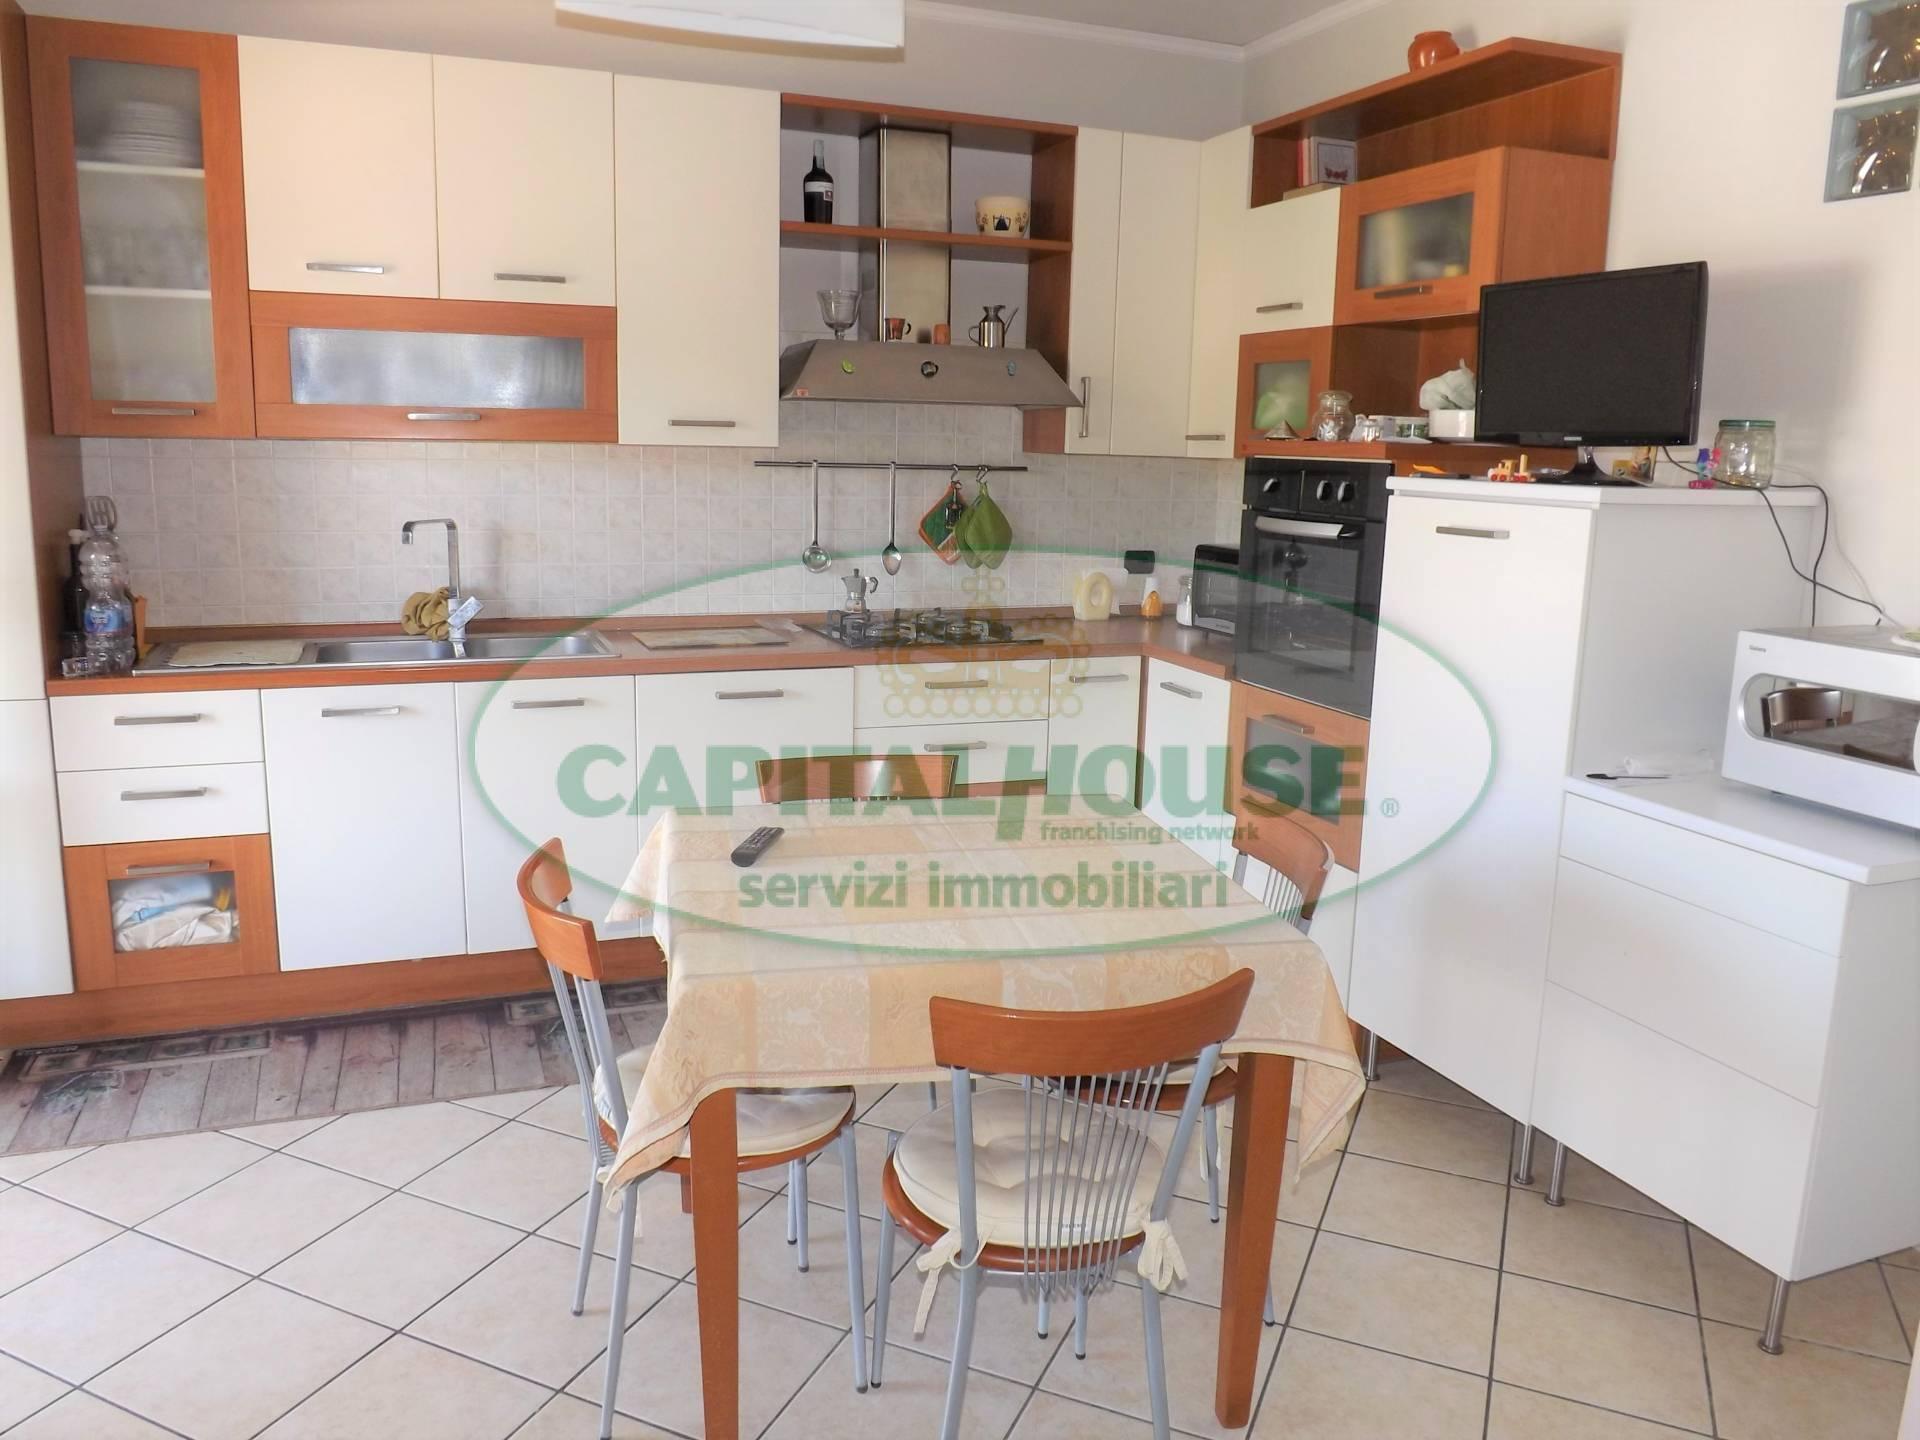 Appartamento in vendita a Manocalzati, 4 locali, prezzo € 90.000   CambioCasa.it